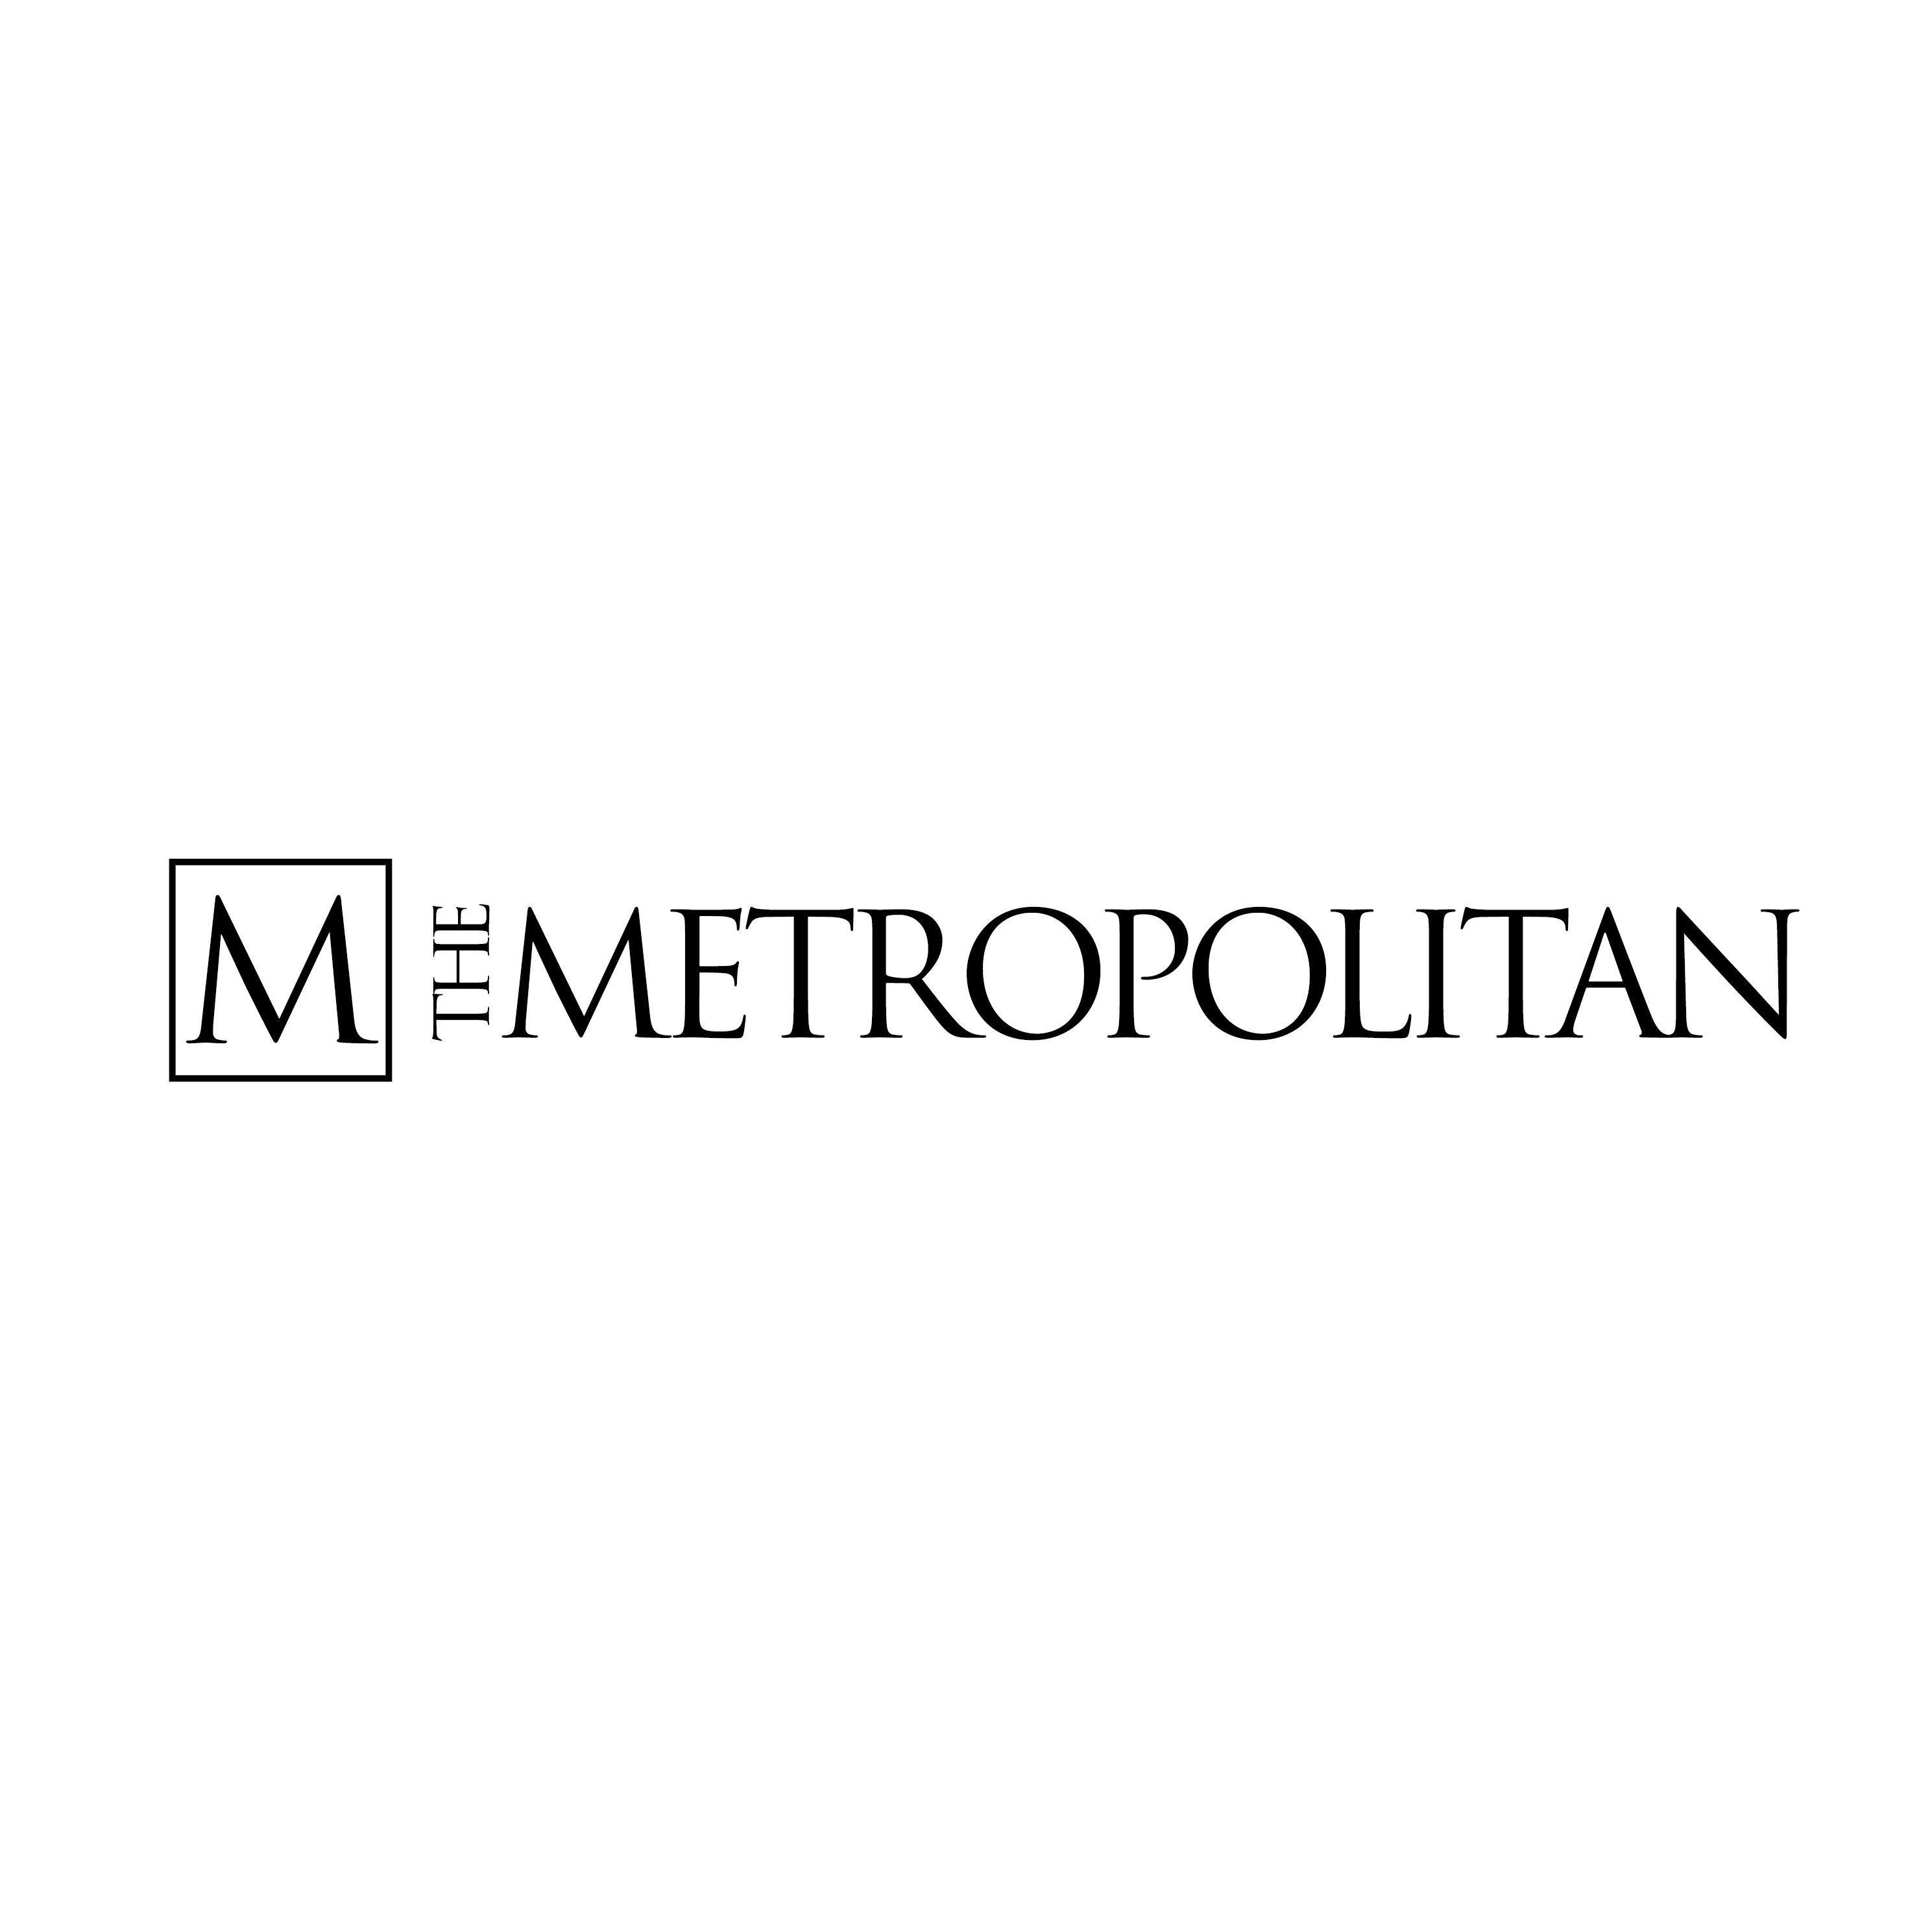 Metropolitan Caterers